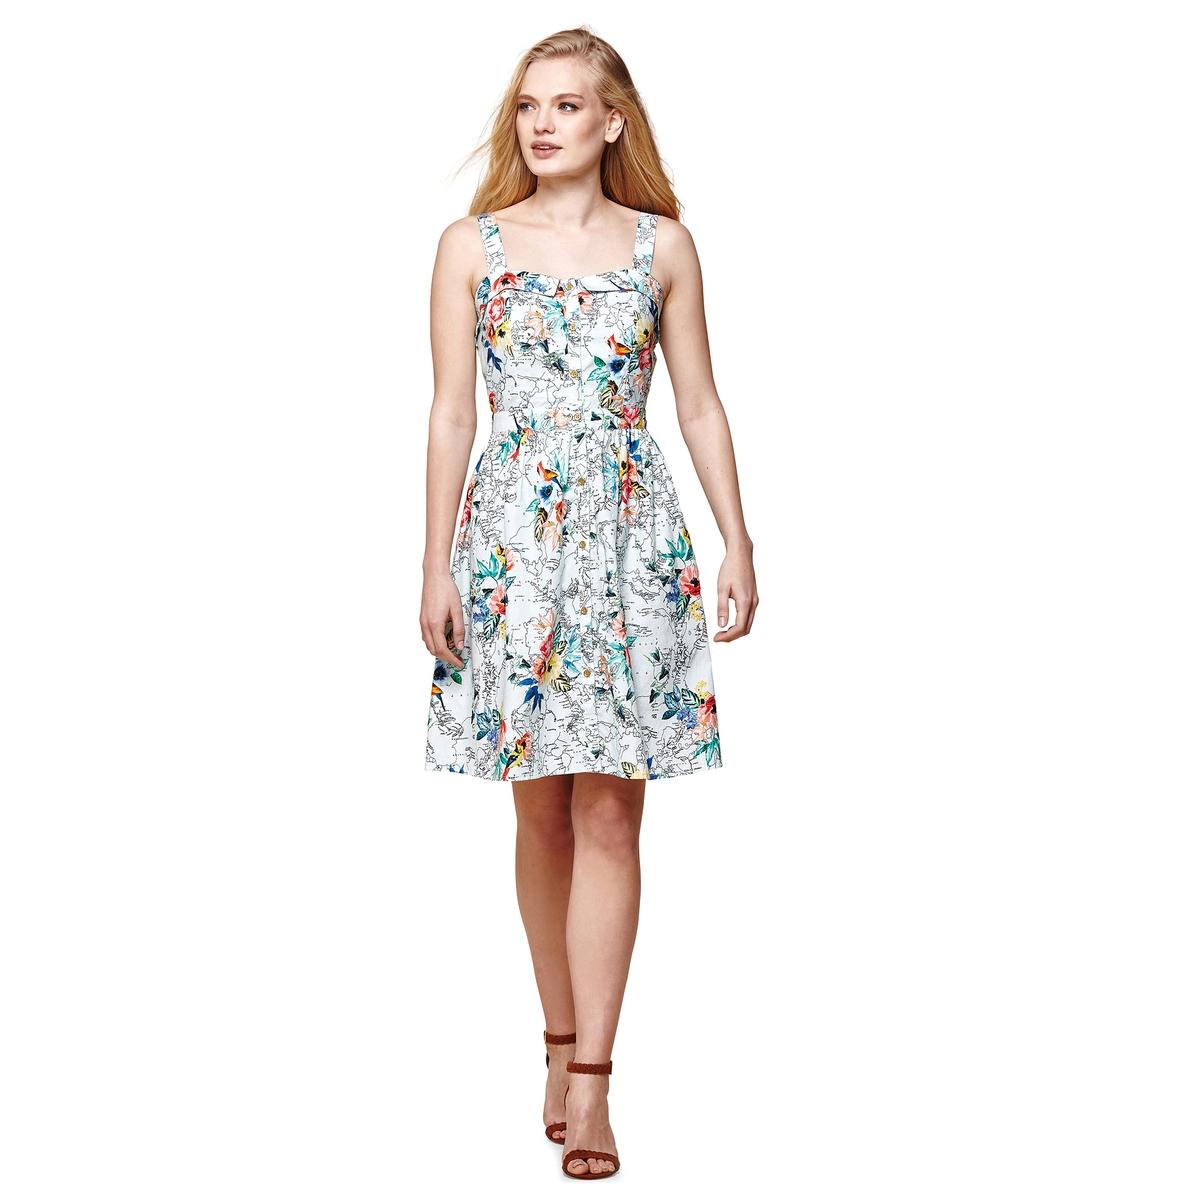 Платье расклешенное с тонкими бретелями и цветочным рисунком, 100% хлопок платье yumi yumi платье